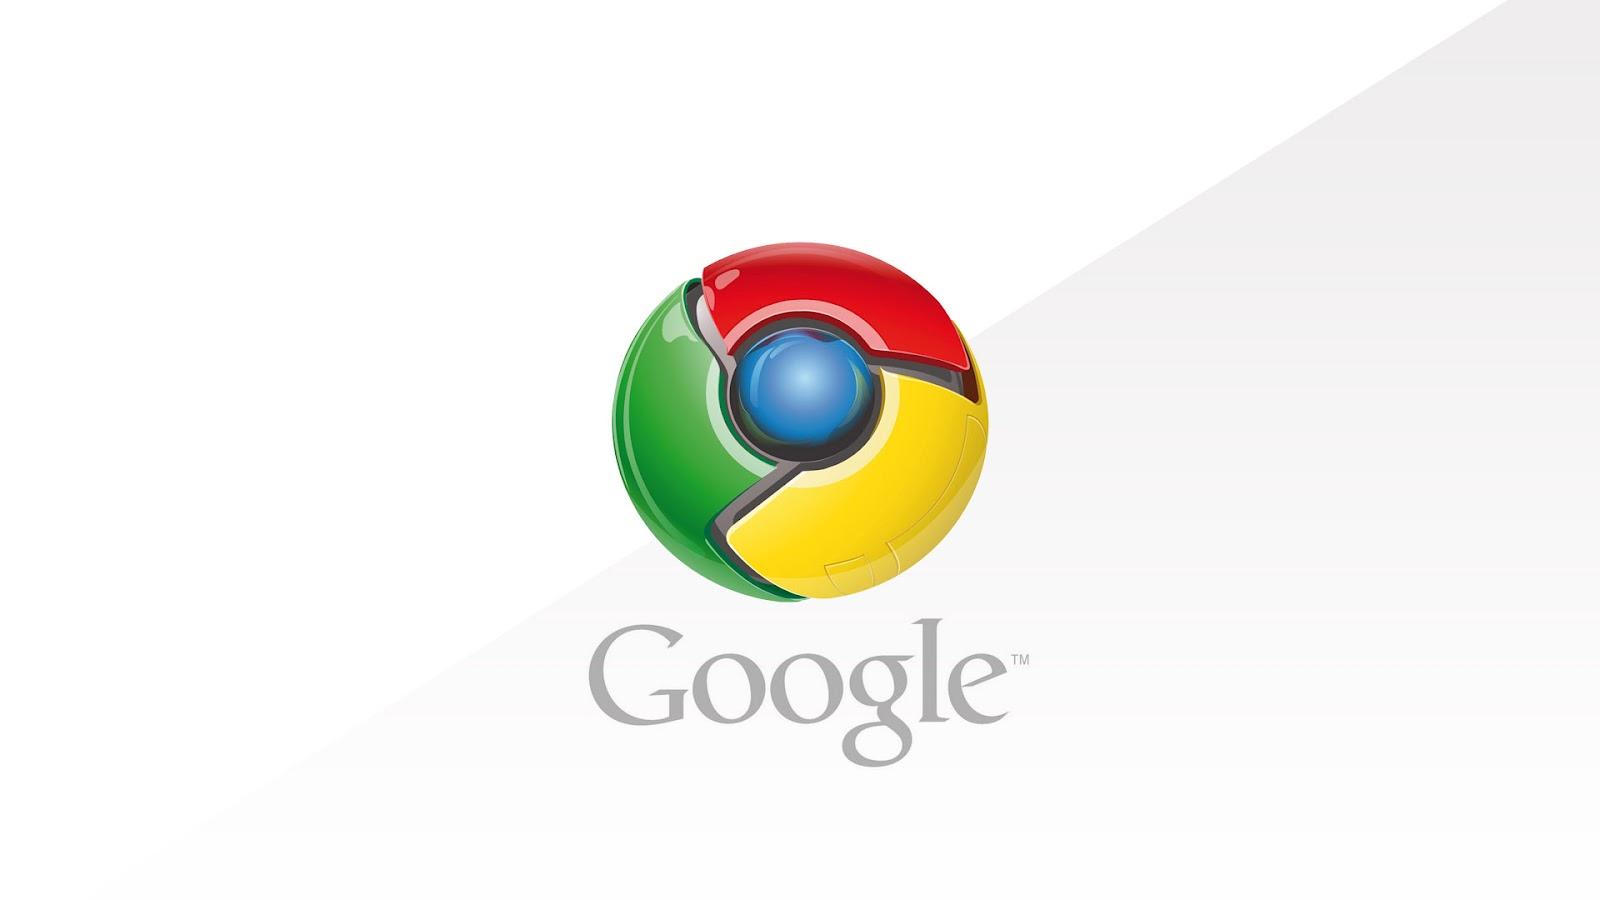 Google Desktop Wallpaper For PC